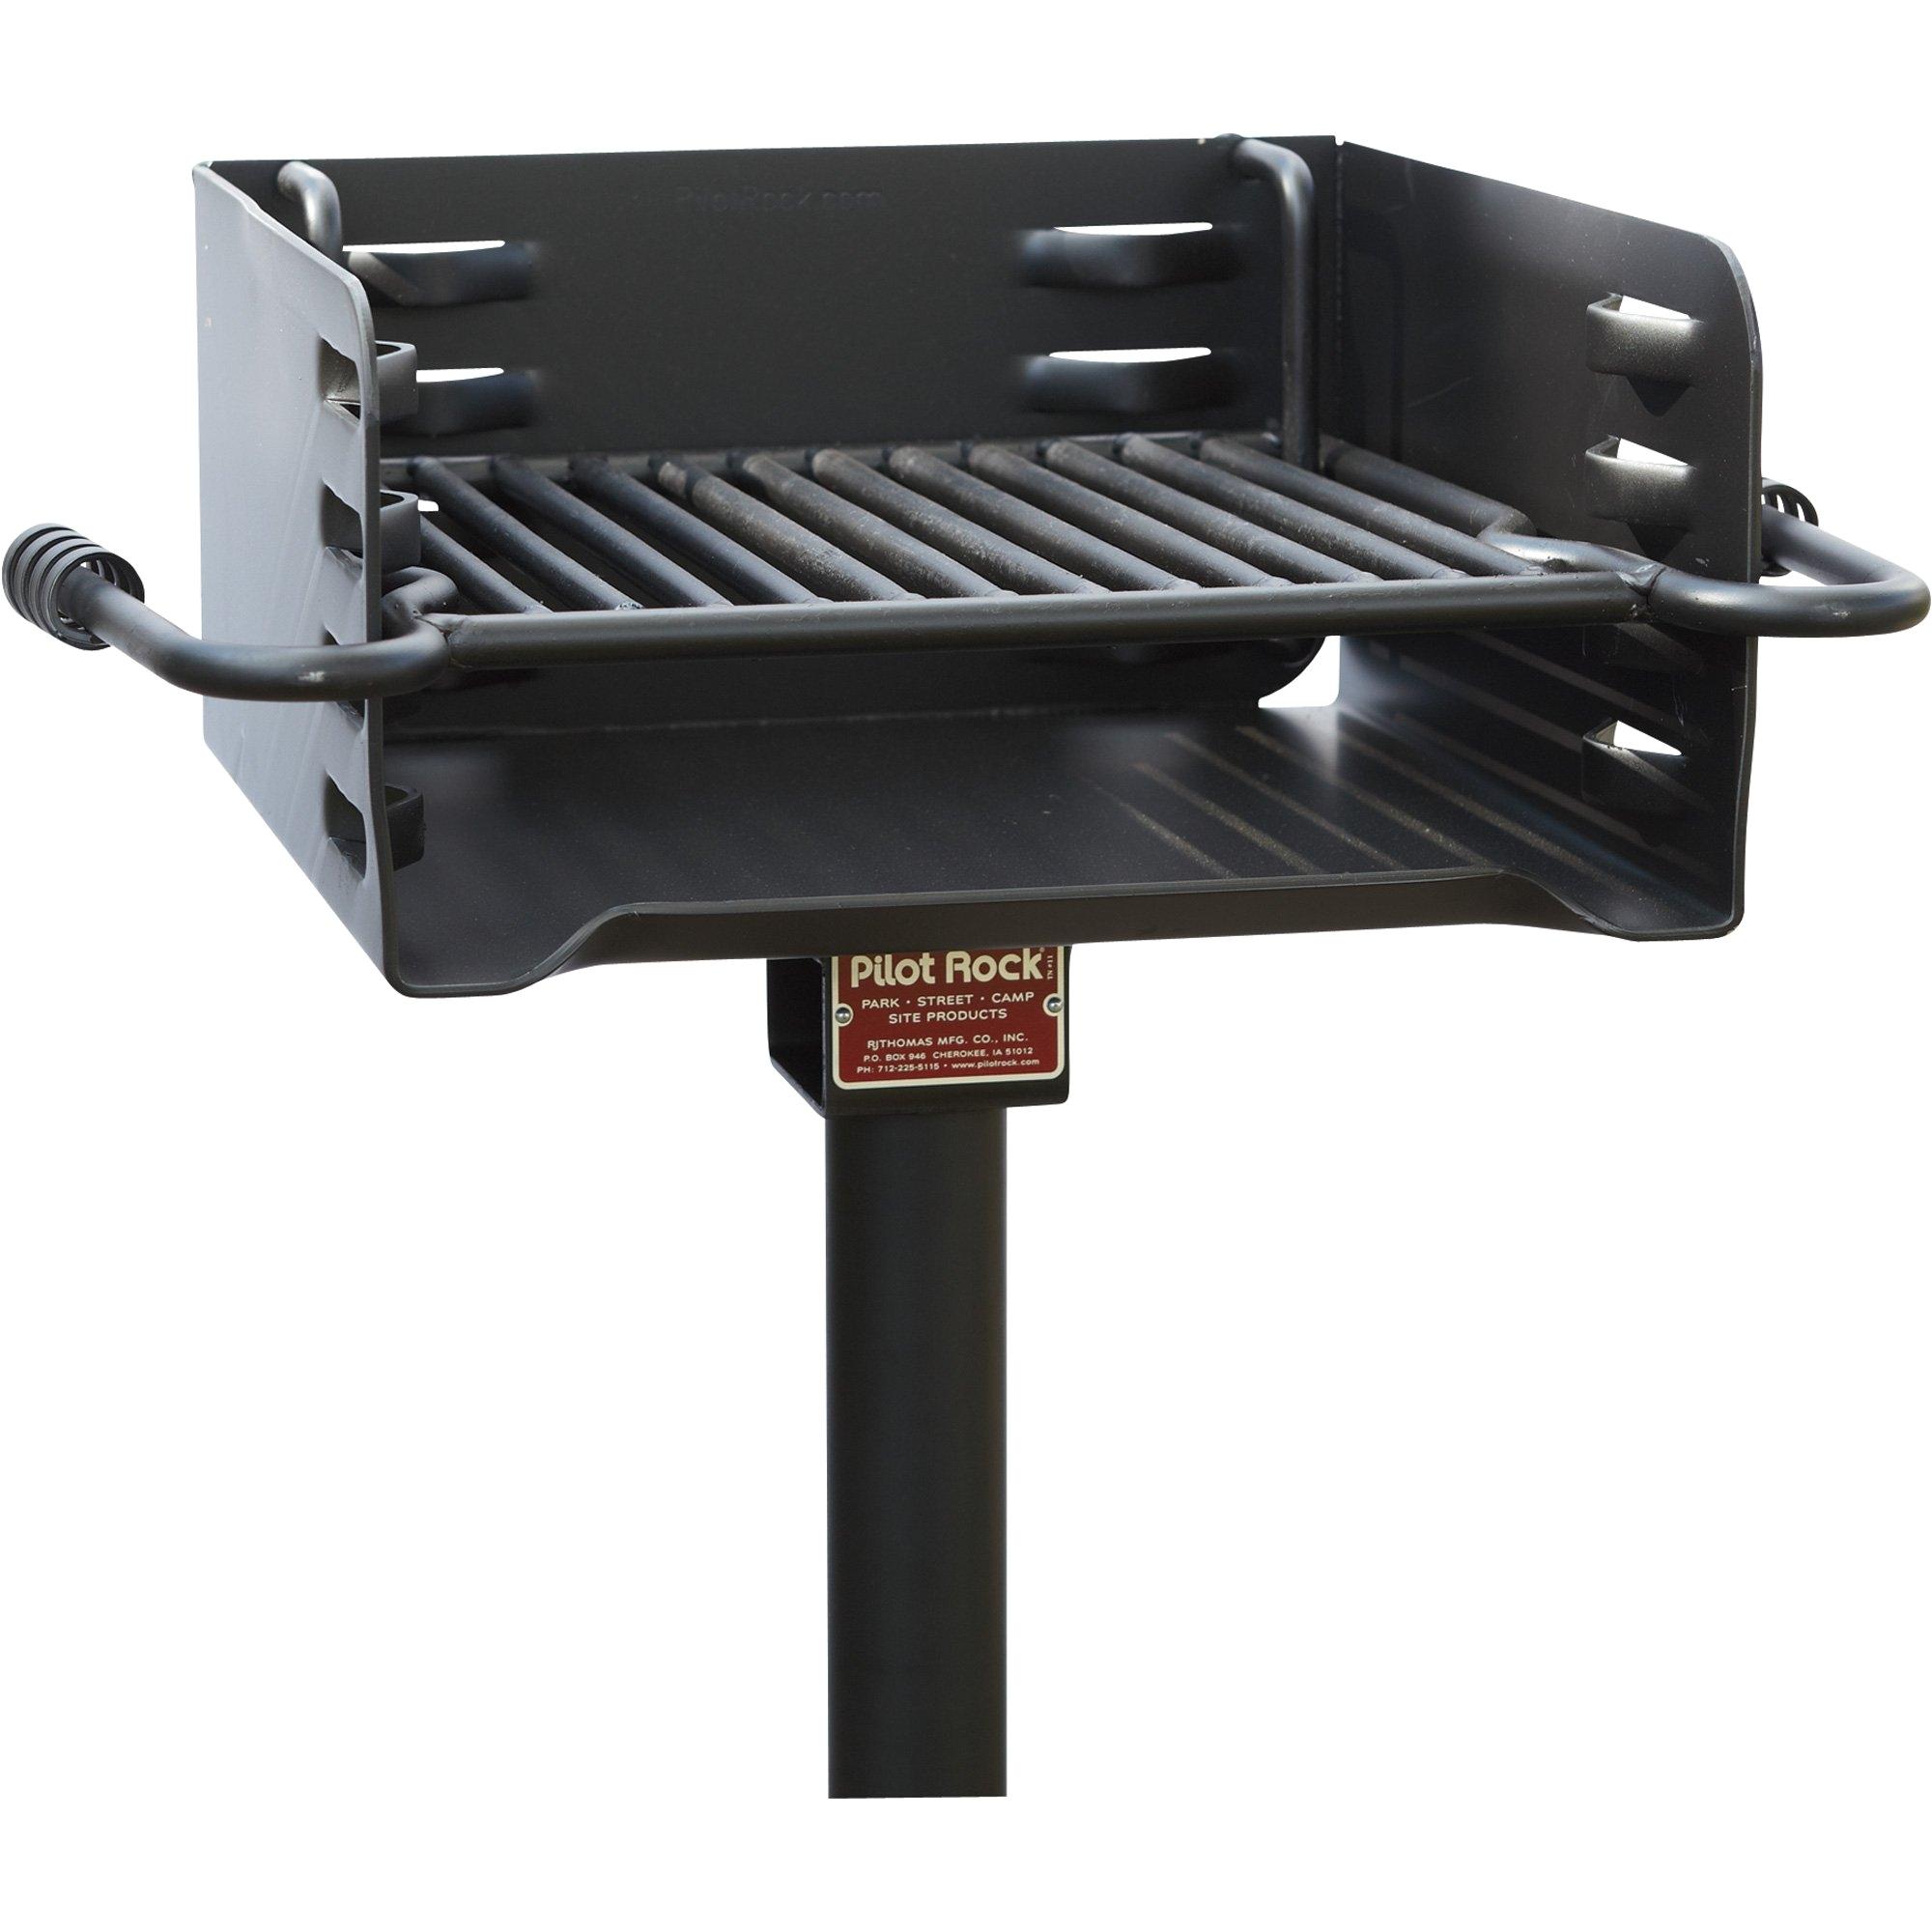 pilot rock heavy duty steel park style charcoal grill 16in x 16in